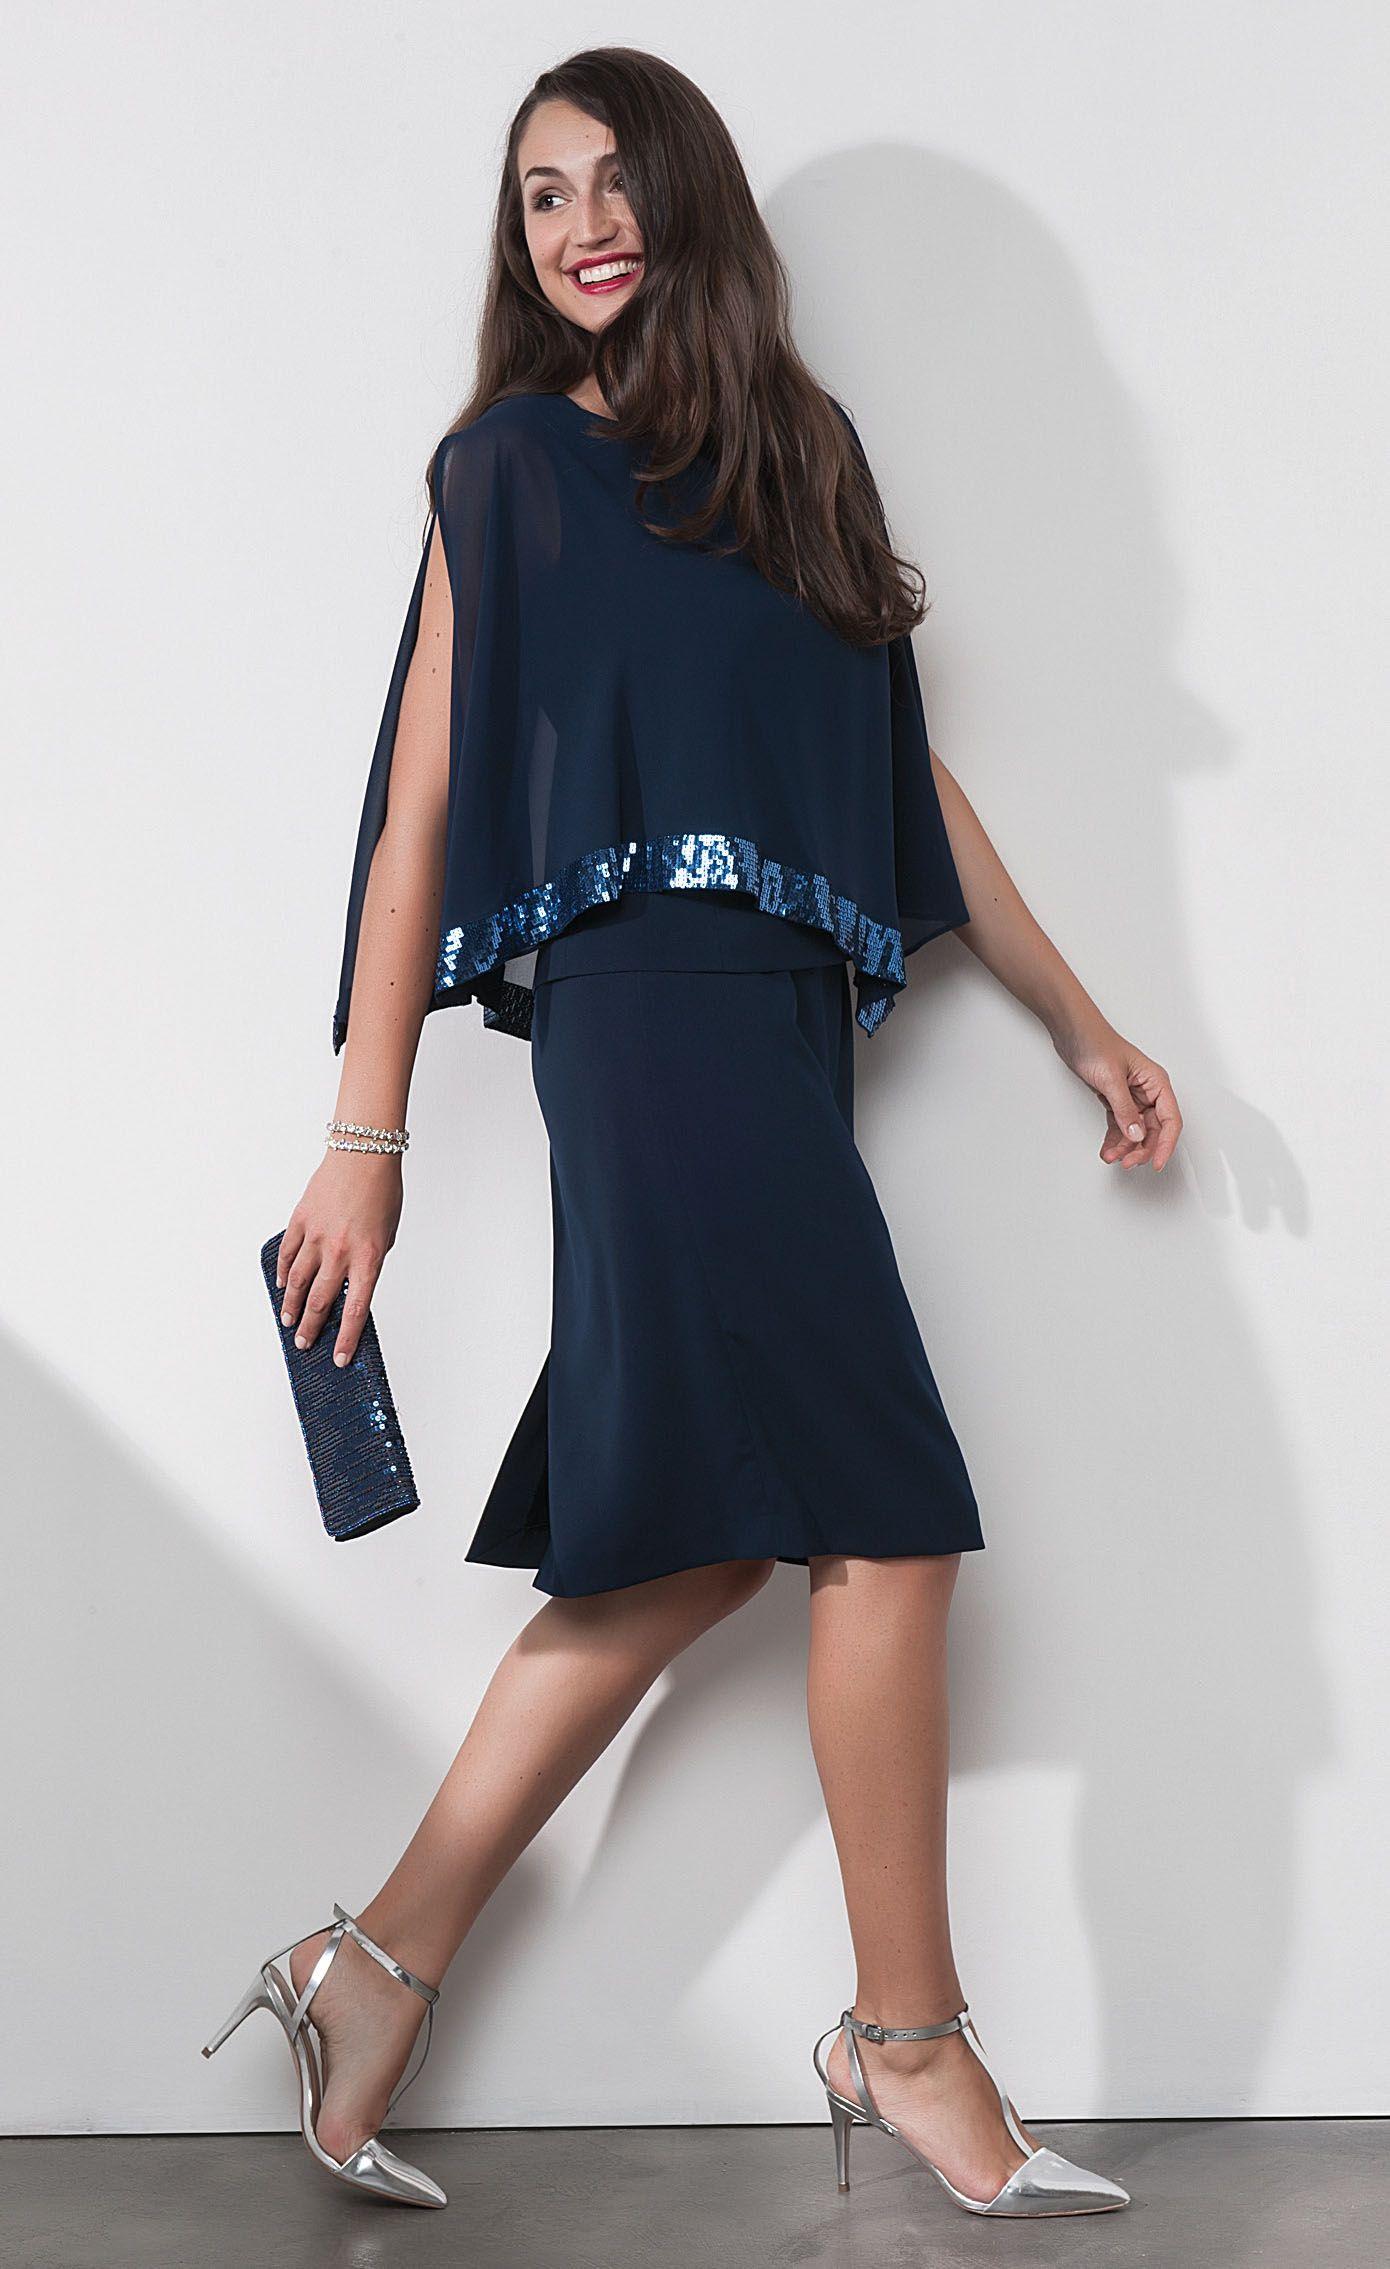 Un bagno di colore e di fantasie per la nuova collezione di Luisa Viola  abbigliamento estate 2017. Si sente la gioia per l arrivo della bella  stagione in ... 2423a6396b6